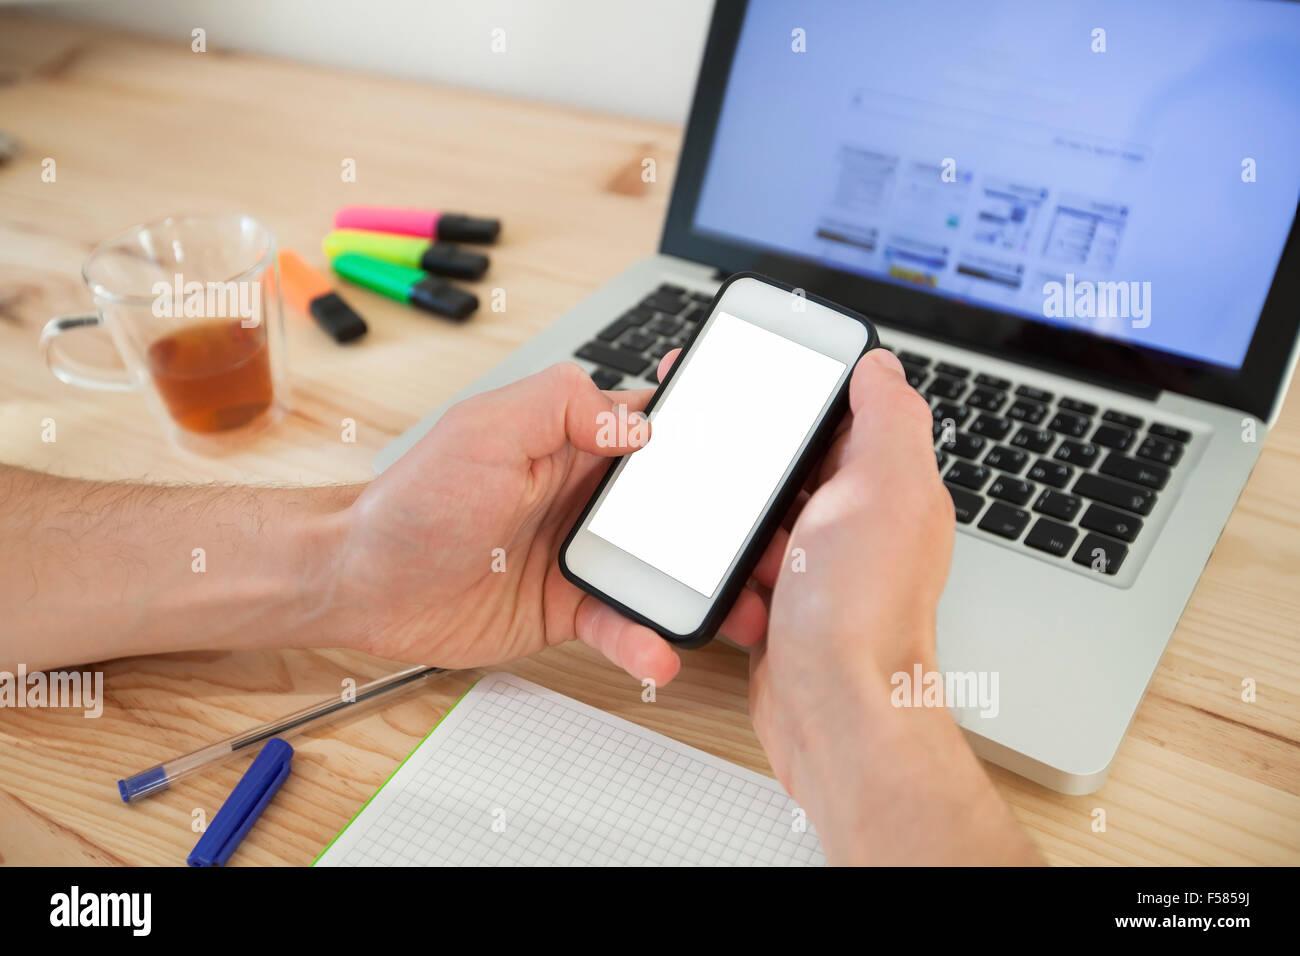 L'uomo utilizza lo smartphone con lo schermo bianco vicino al computer portatile in casa interno Immagini Stock